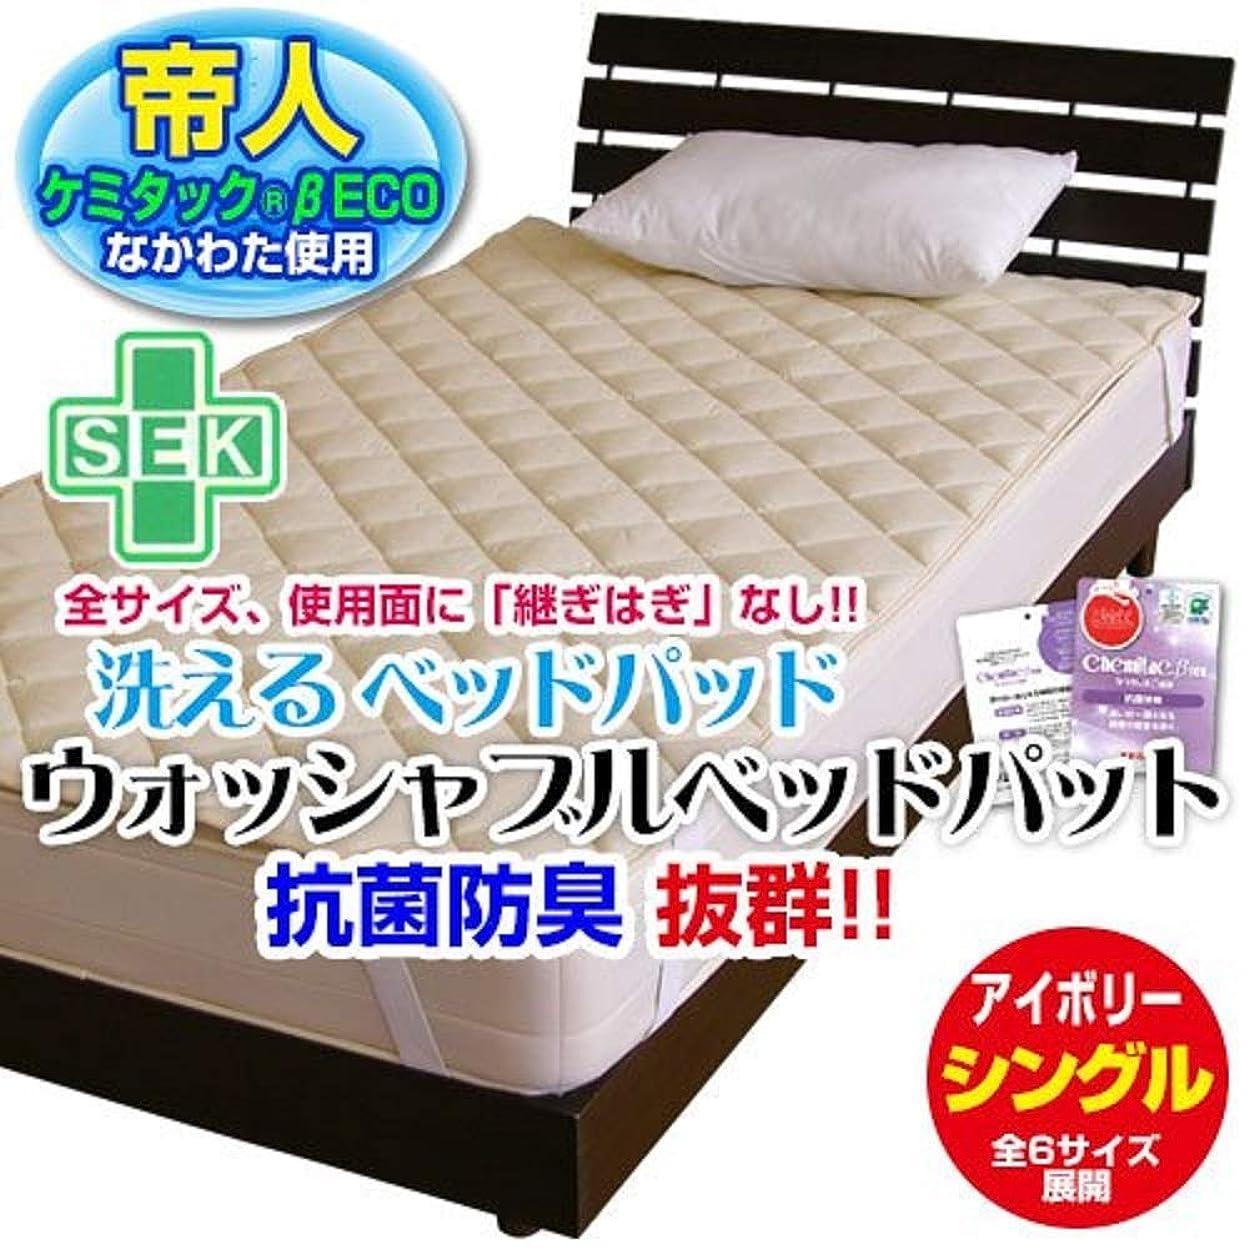 空中入場料なめらかメーカー直販 洗えるベッドパッド 帝人ケミタック わた入り 抗菌防臭効果あり SEKマーク付 (シングル 100×200cm)